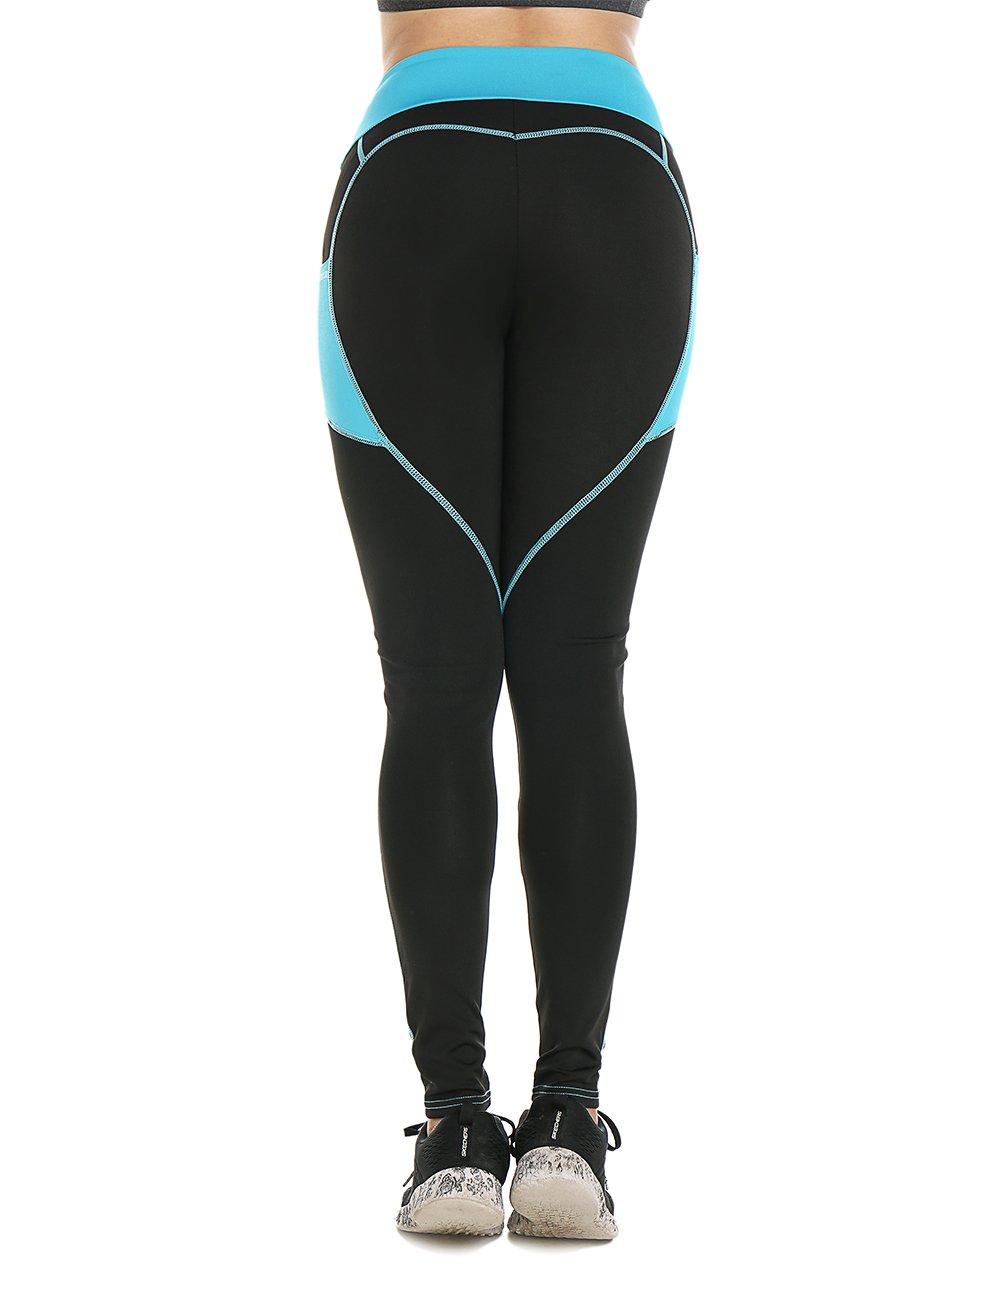 769012bf3d3f92 Women Heart-shaped Power Stretch High Waist Fitness Running Workout Leggings  - UKsportsOutdoors